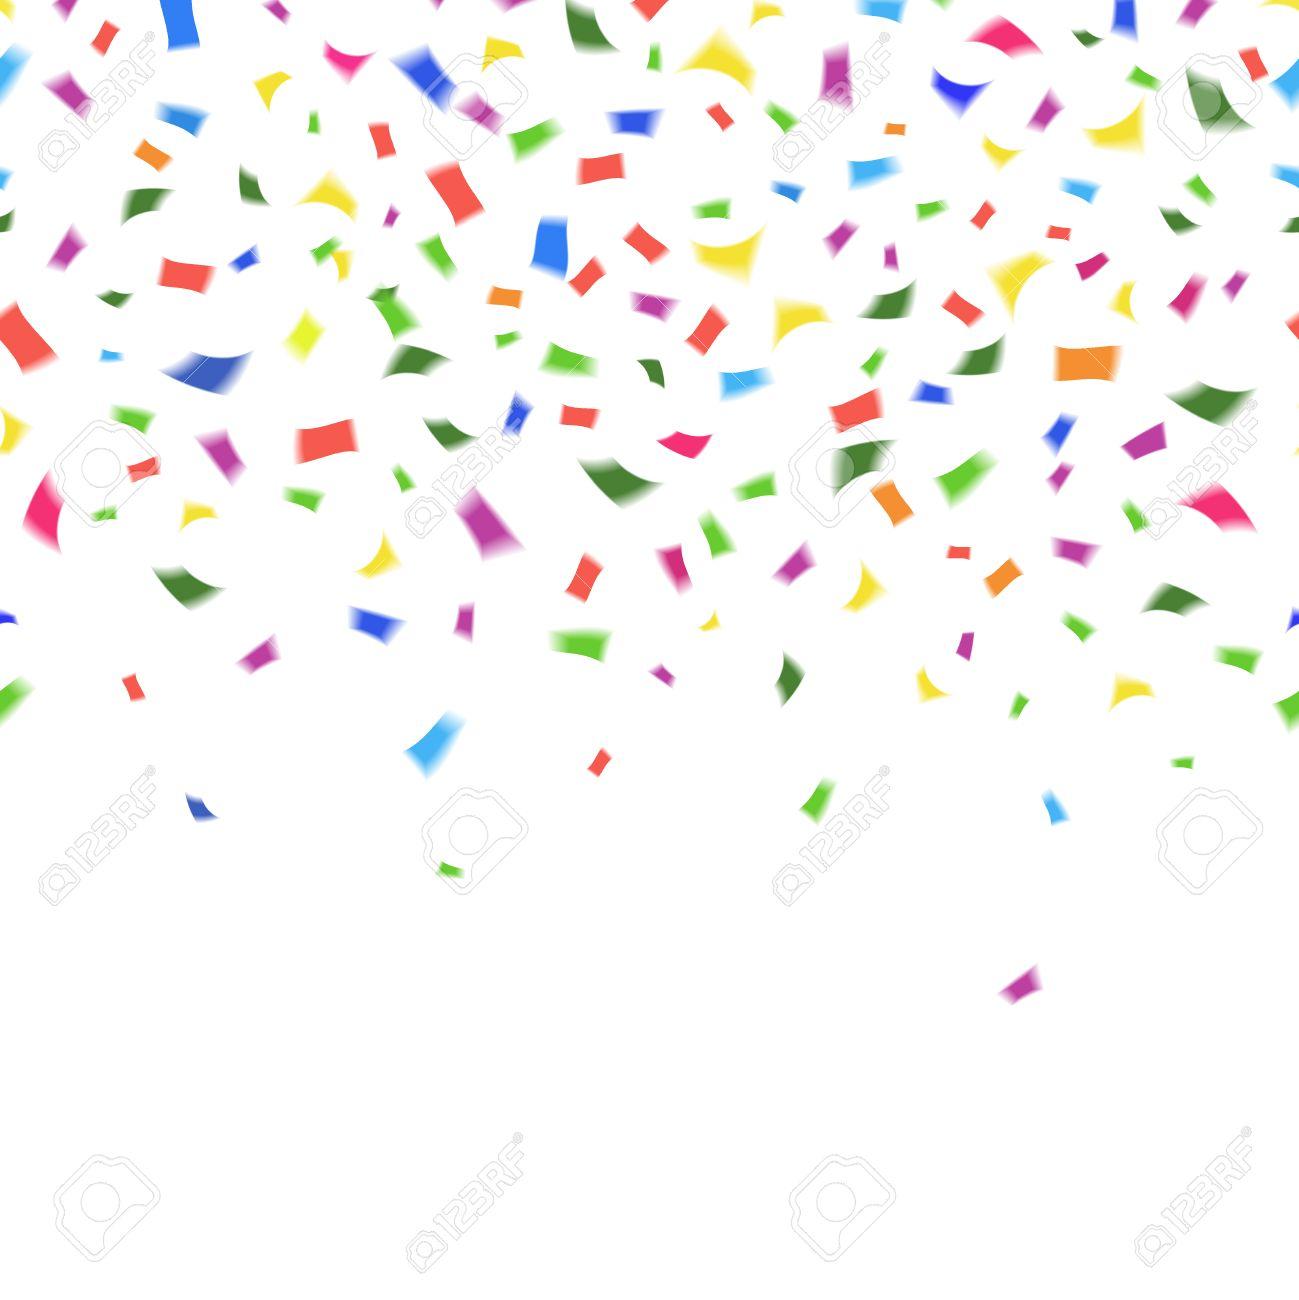 Confetti clipart Cliparts Clipart Others and Confetti